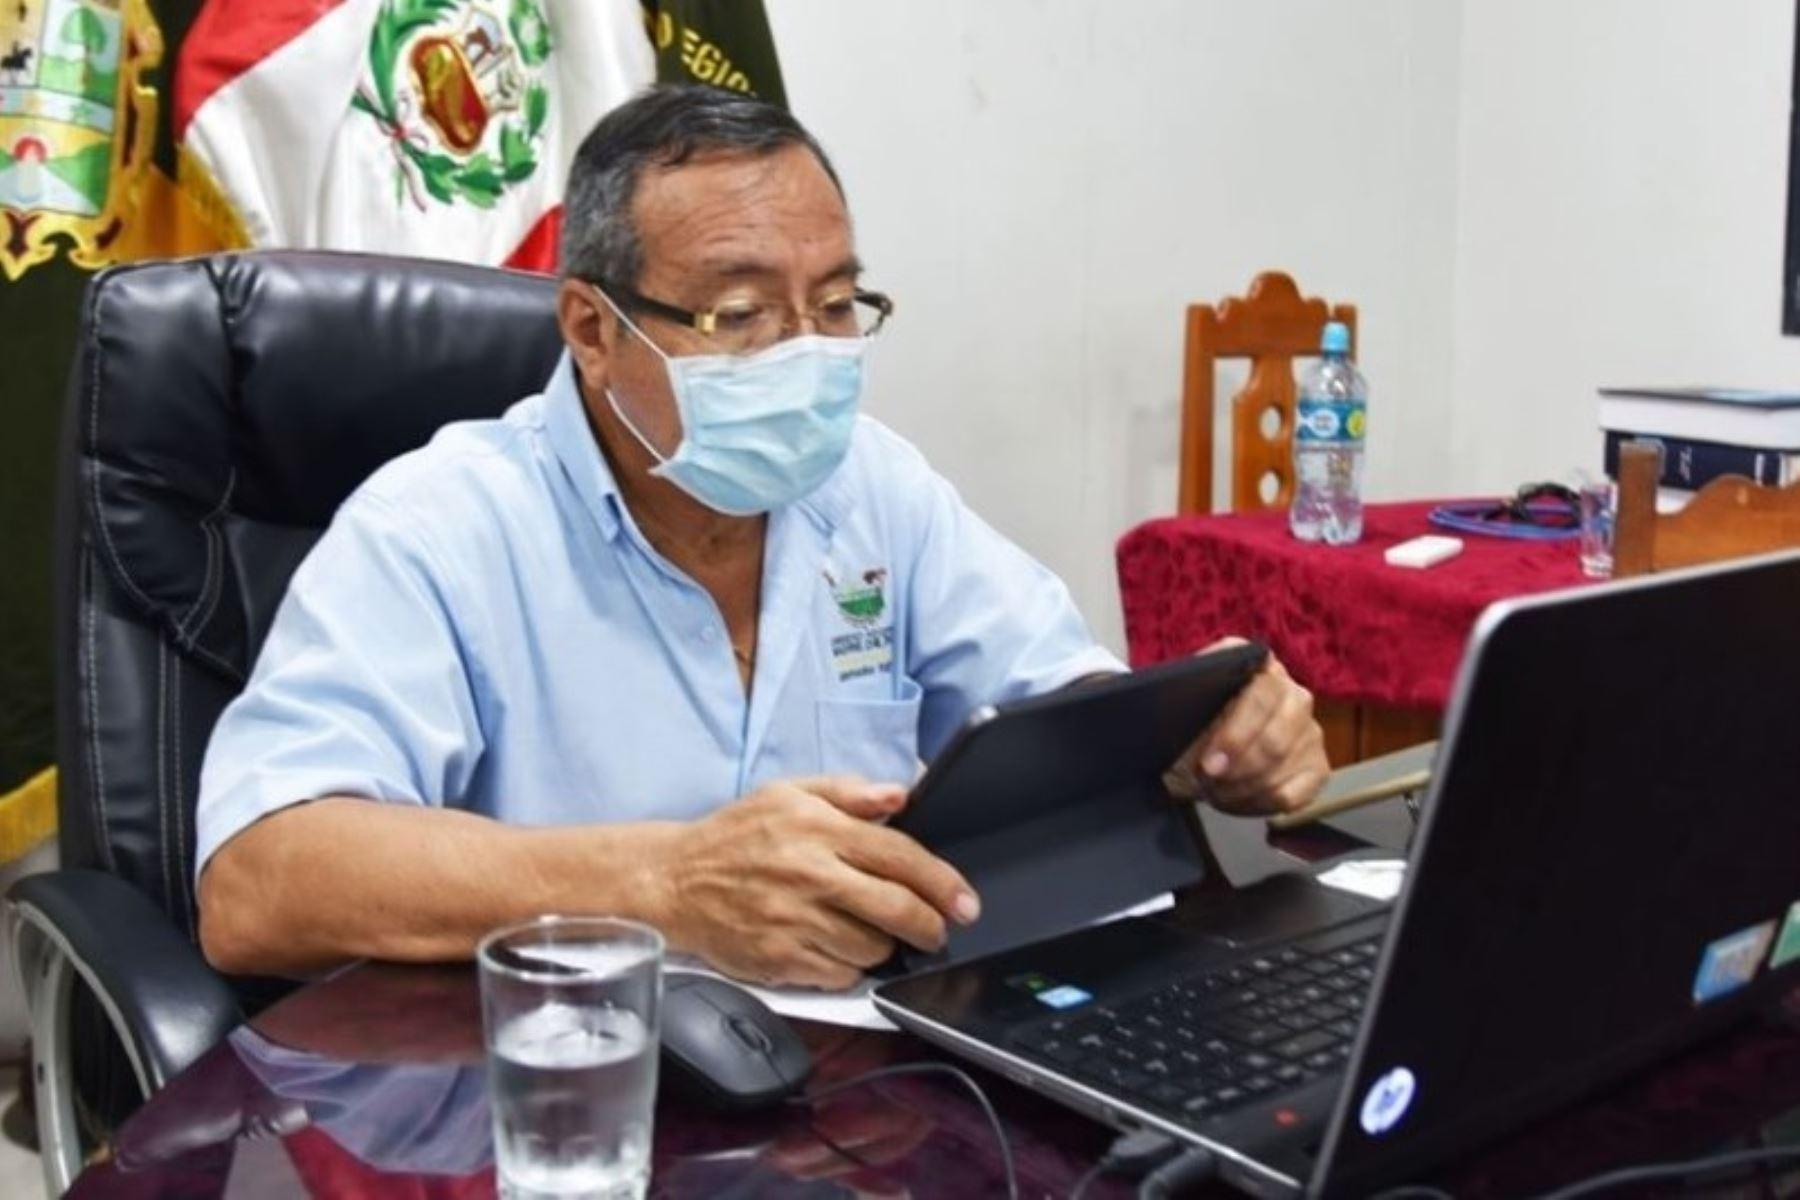 El gobernador regional de Madre de Dios, Luis Hidalgo, pidió no bajar la guardia y, por el contrario, redoblar las medidas de bioseguridad. Foto: ANDINA/Difusión